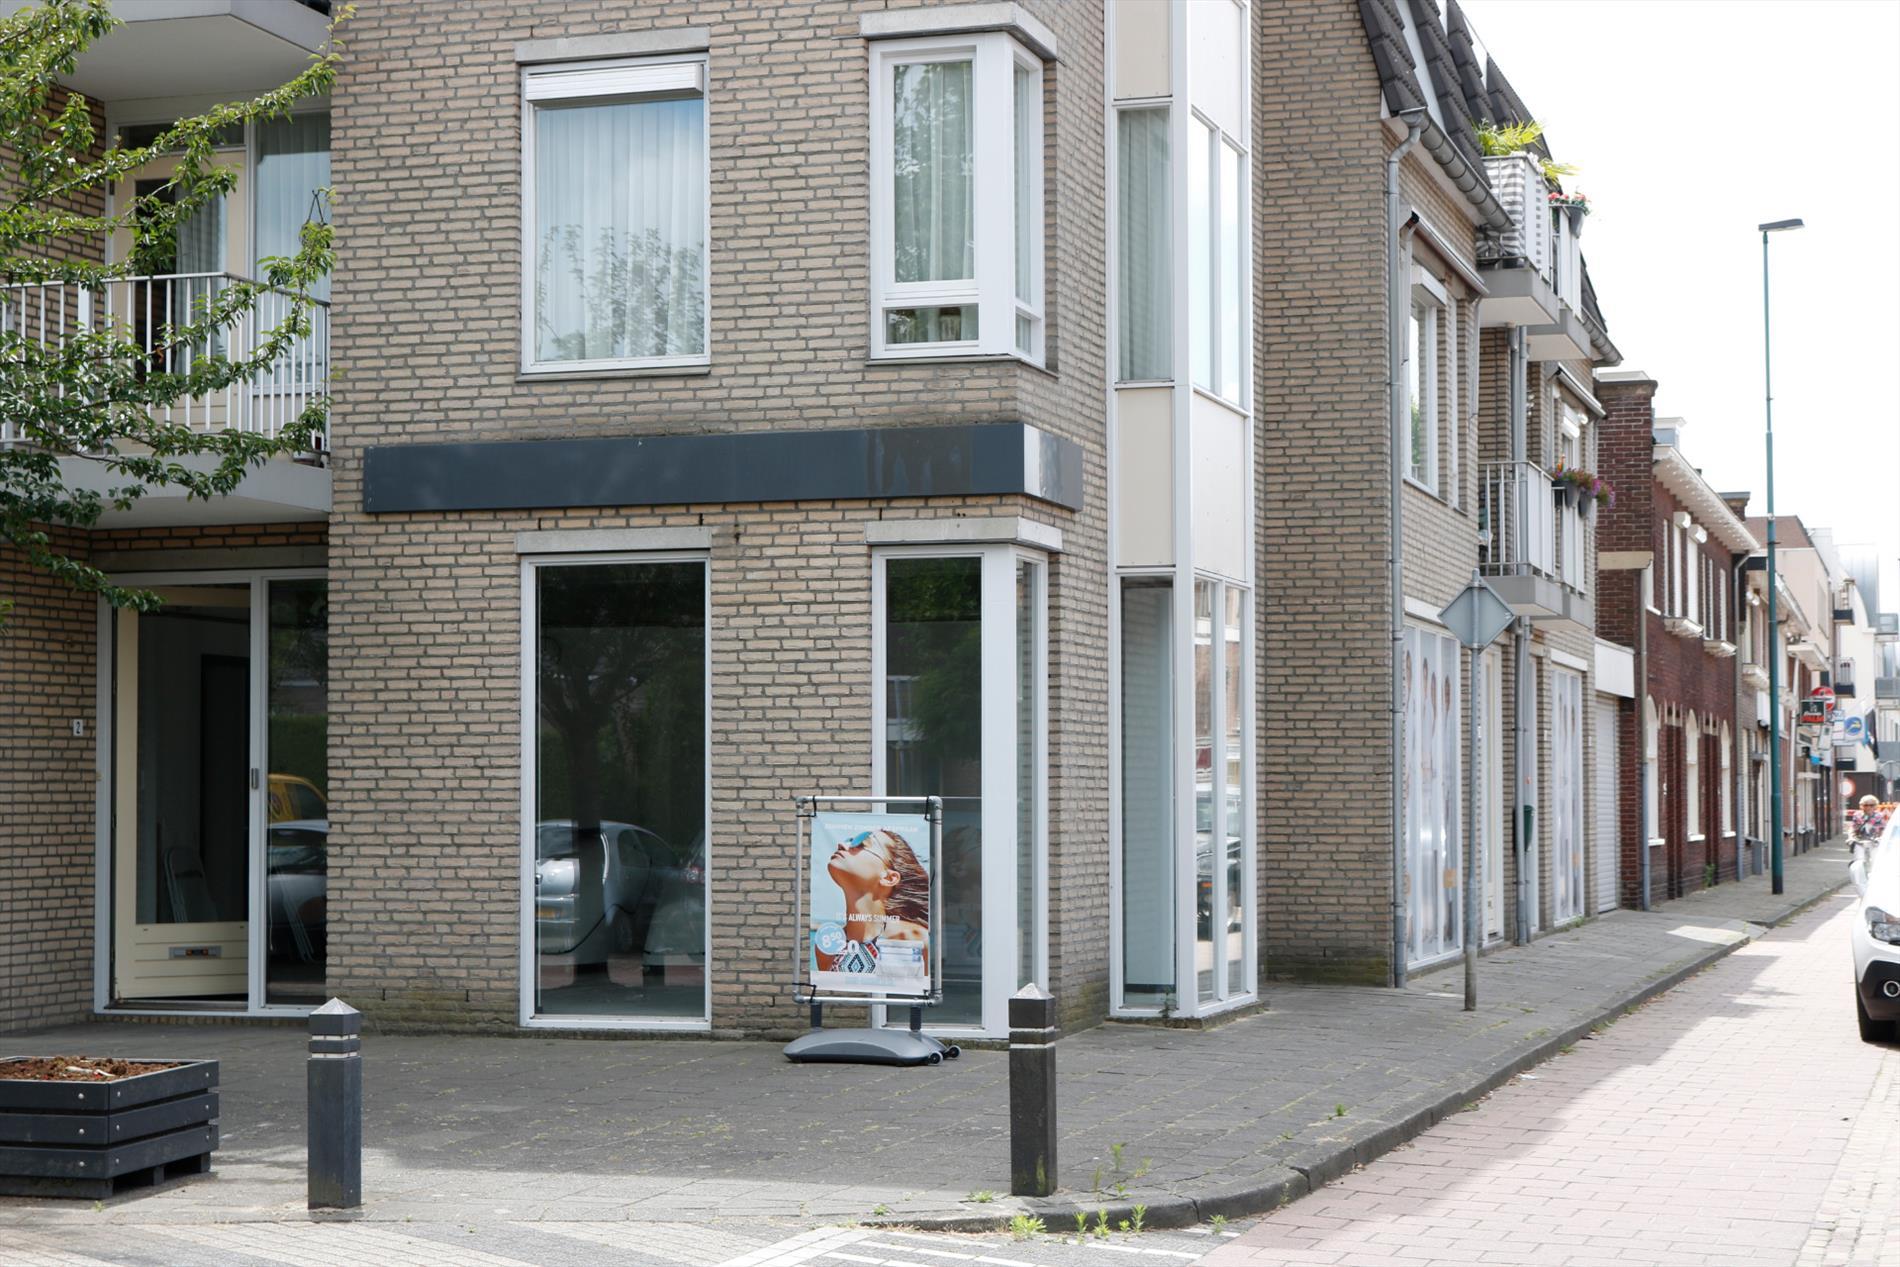 Te huur: Te huur kantoor-/commerciële unit op de begane grond goed zichtbare hoeklocatie gelegen aan de Bosstraat/Eindhovenseweg in Valkenswaard.